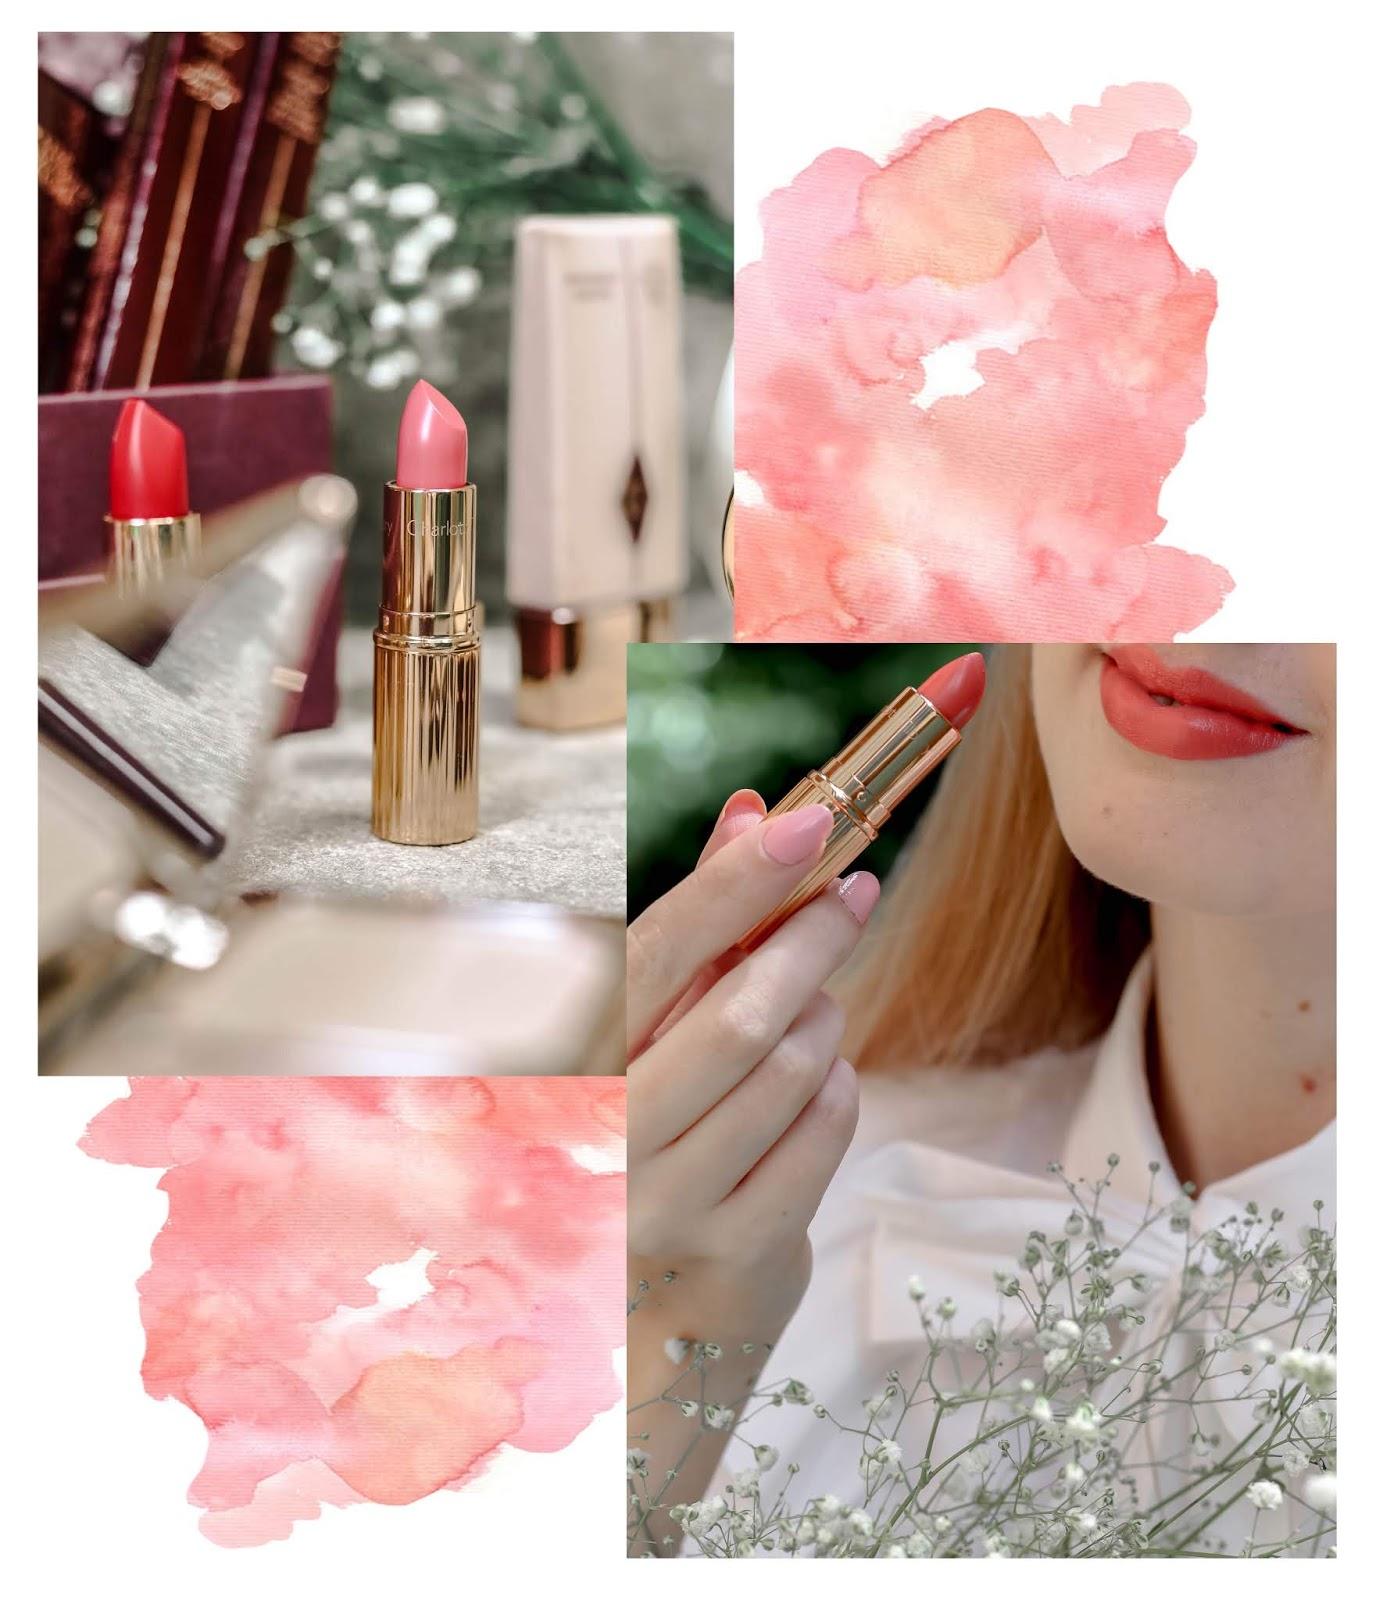 Charlotte Tilbury K.I.S.S.I.N.G. Lipstick Coachella Coral